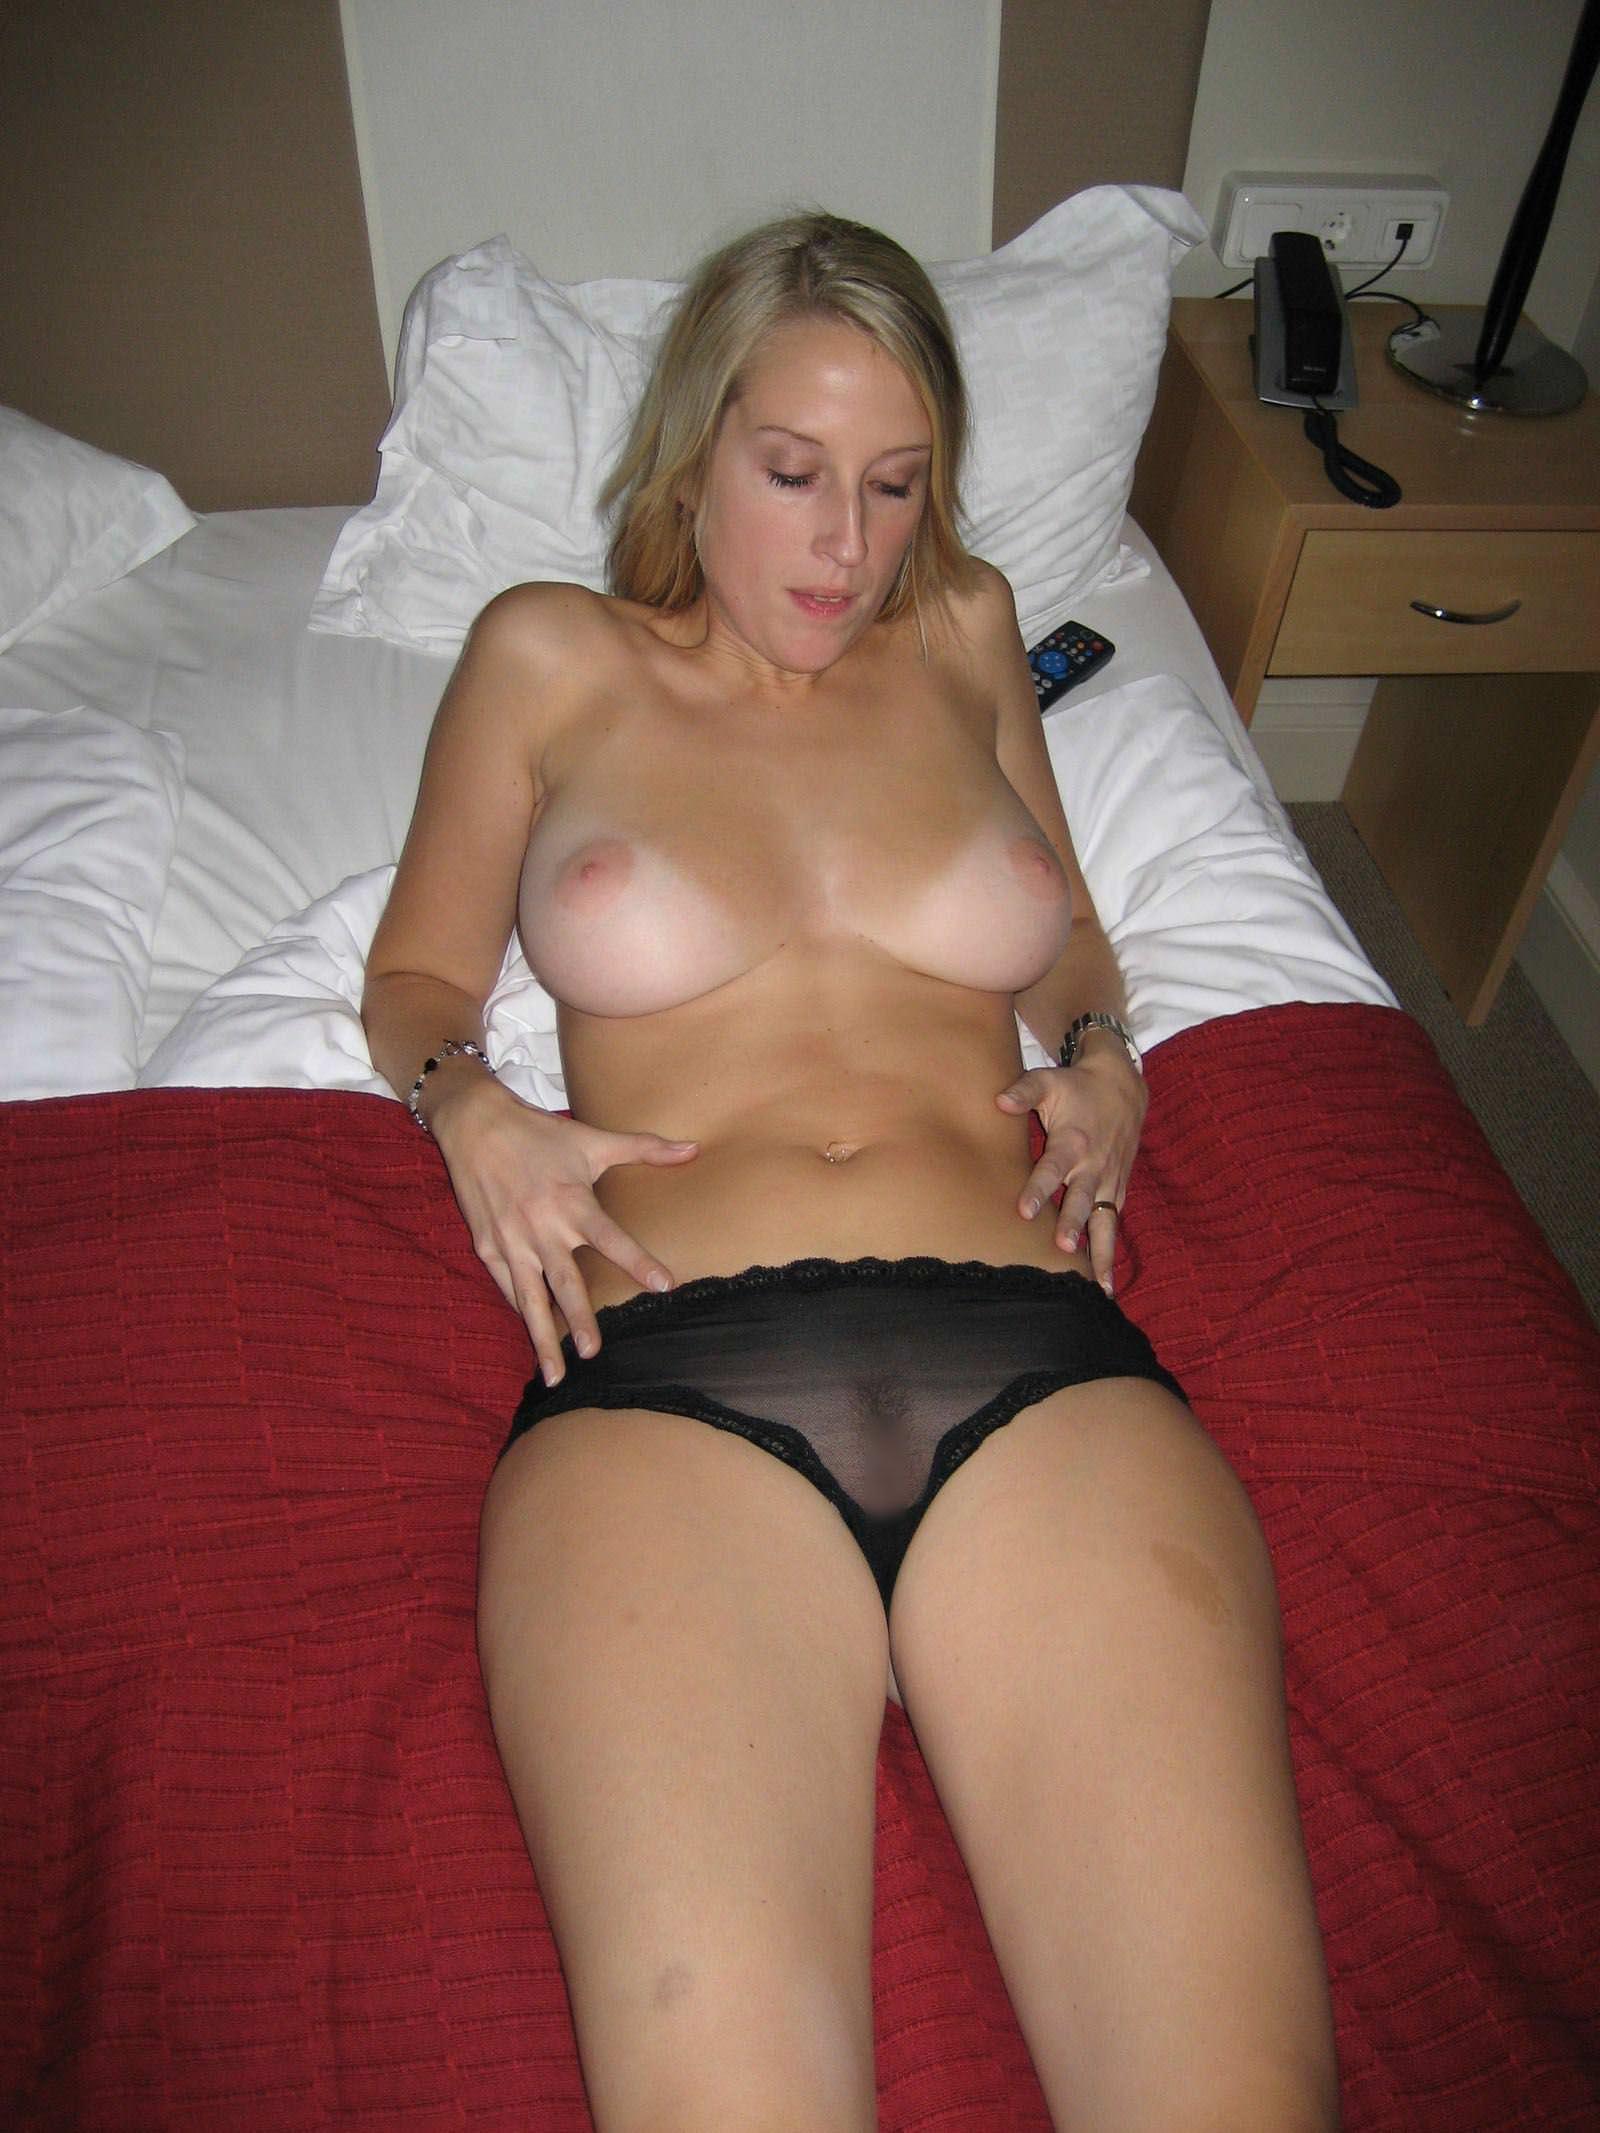 【外人】スウェーデンの金髪素人美女が彼氏とエッチして妊娠した姿を晒すポルノ画像 3227